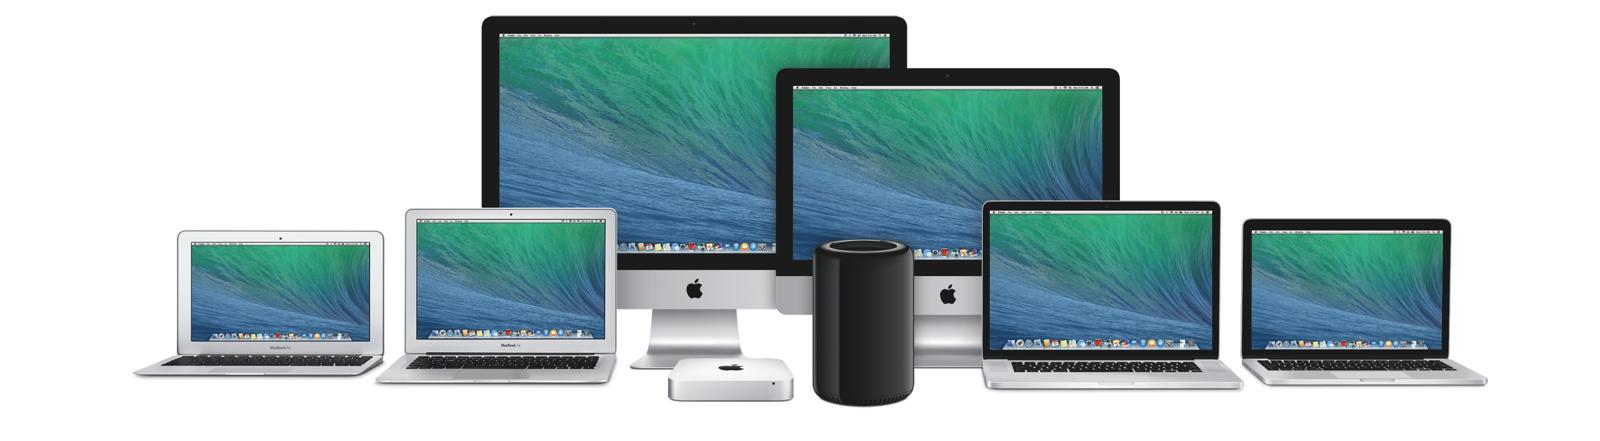 Welches Apple-Produkt wünschst du dir günstiger?